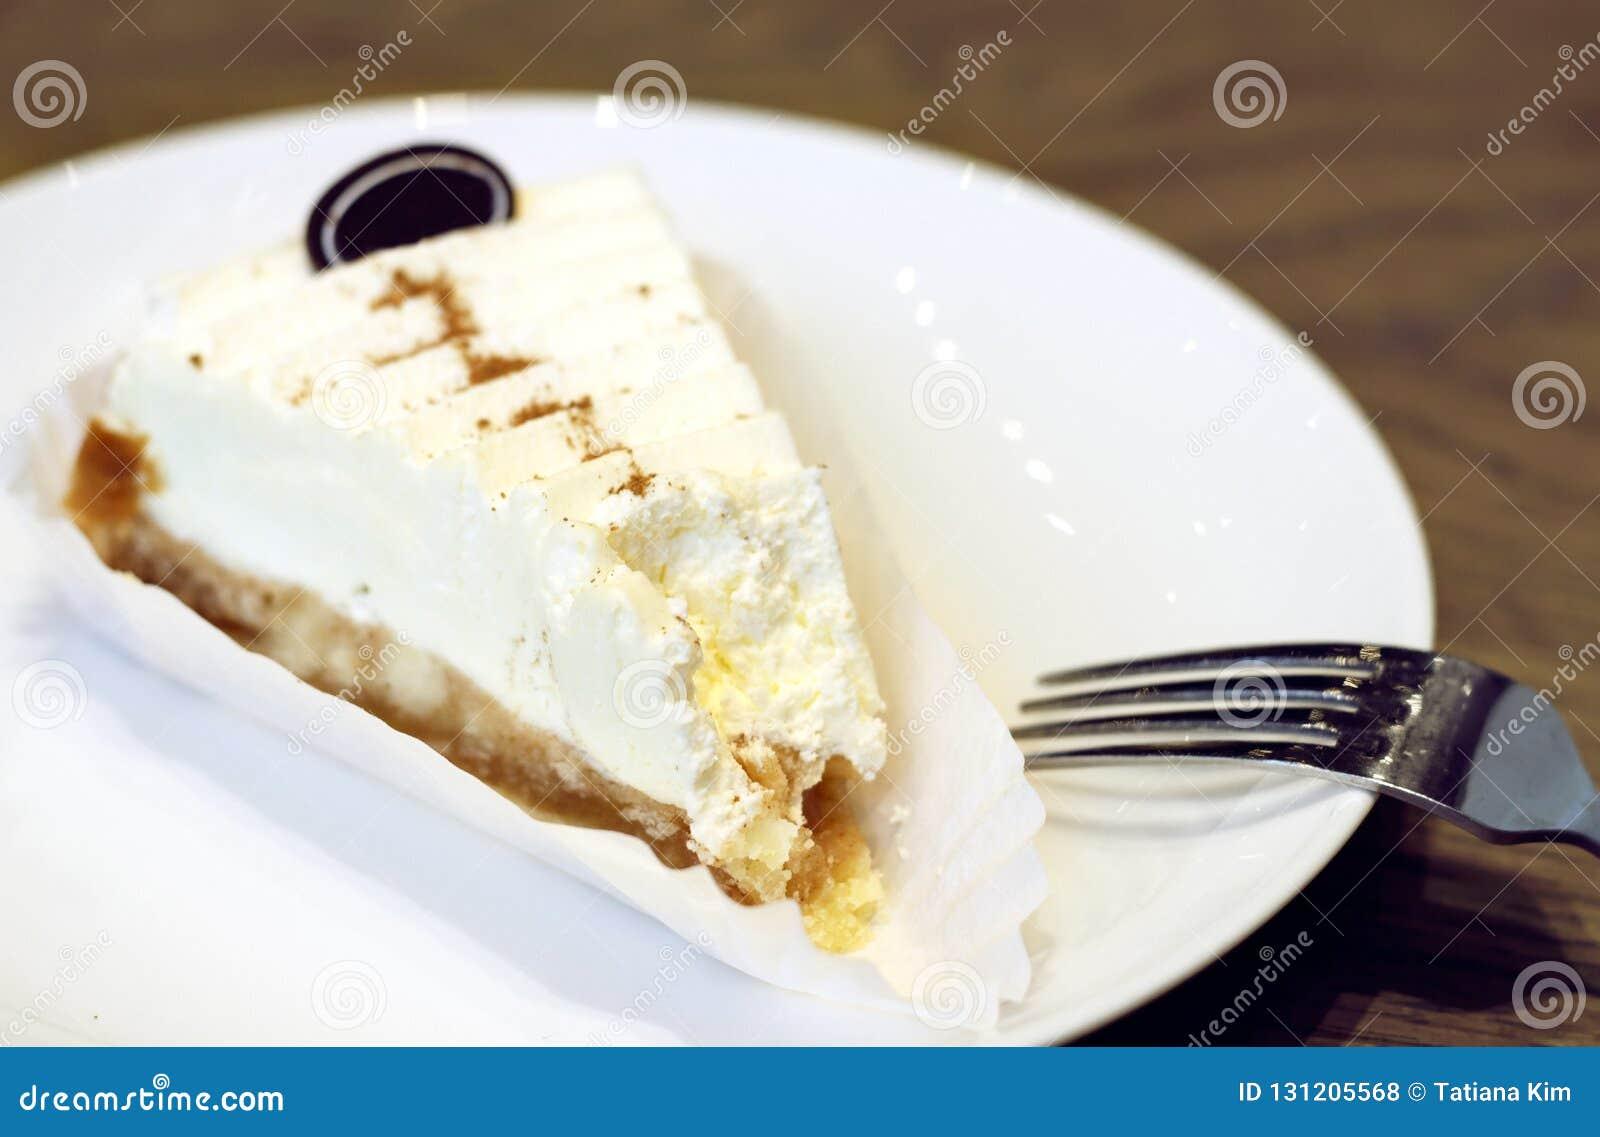 Zjedzony cheesecake na białym talerzu w górę